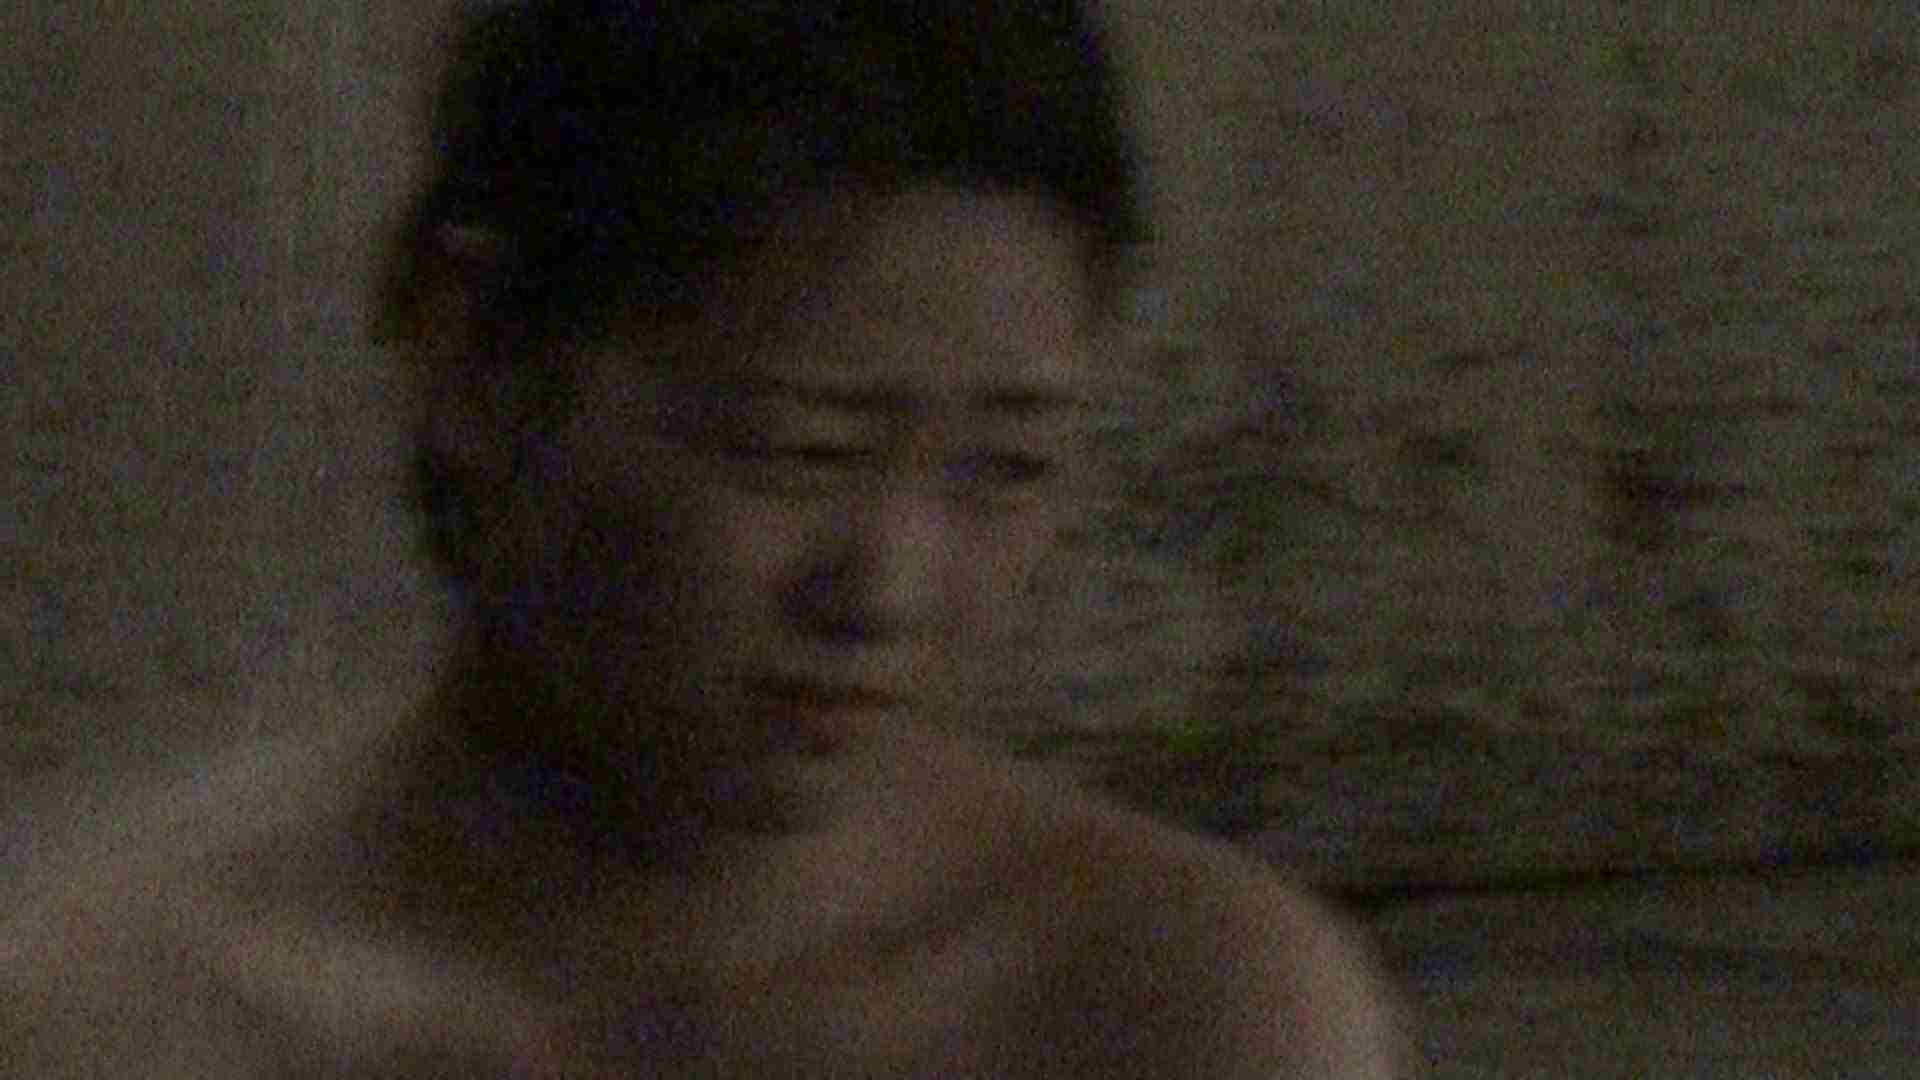 Aquaな露天風呂Vol.342 盗撮師作品 | 美しいOLの裸体  107pic 70